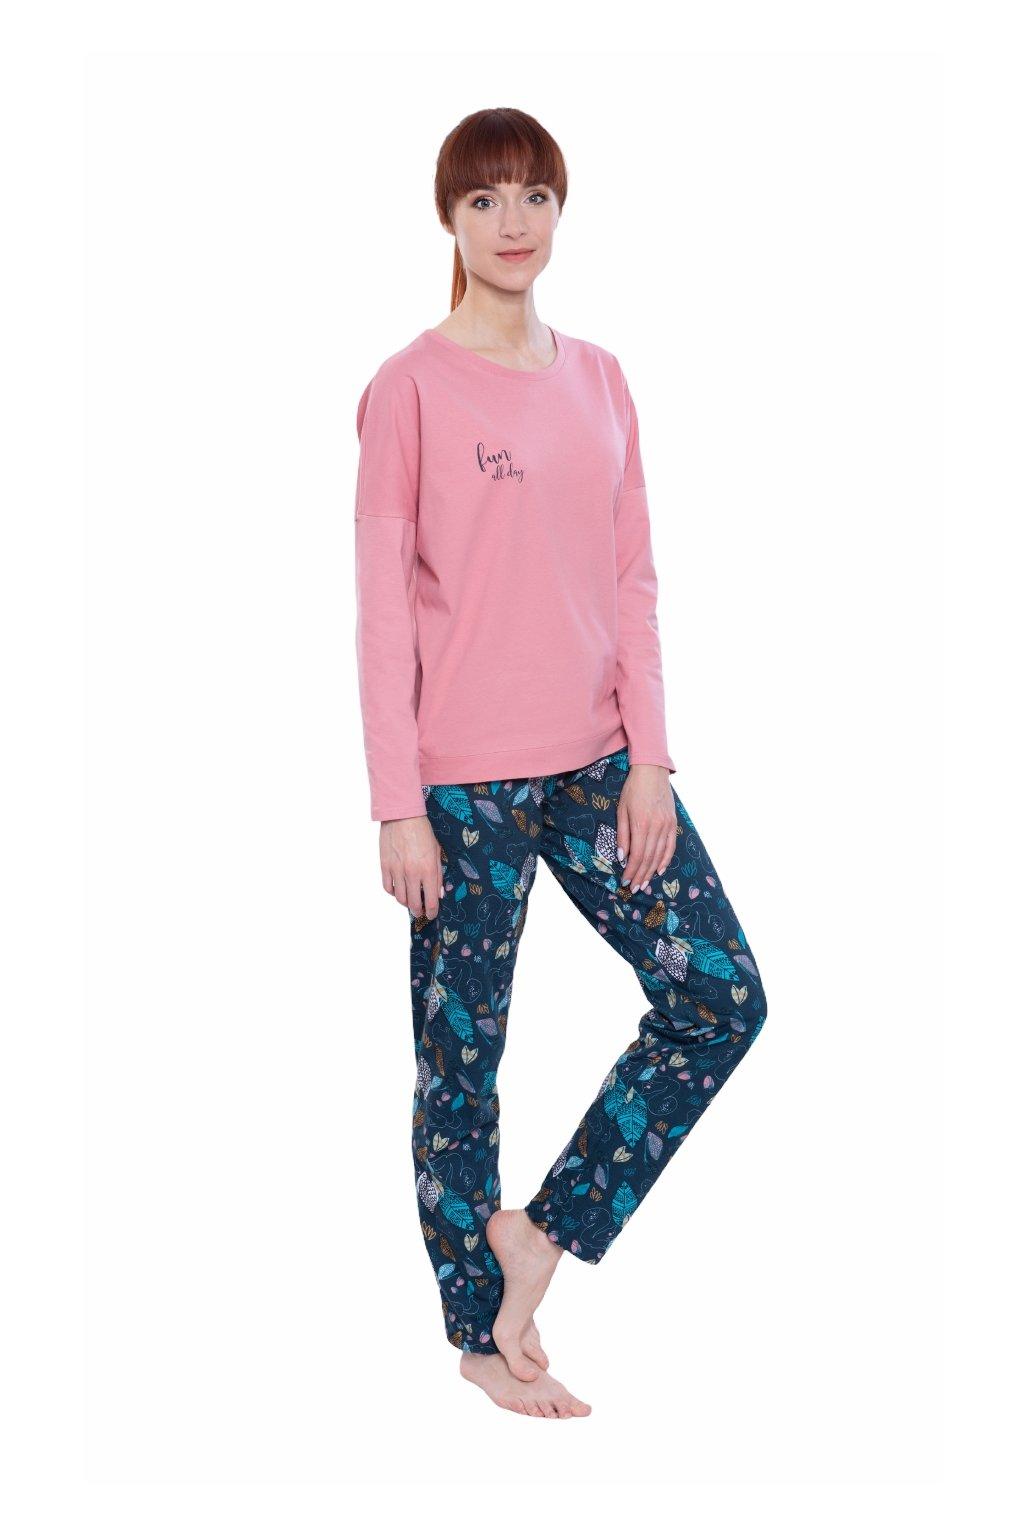 Dámské pyžamo s dlouhým rukávem, 104587 62, růžová